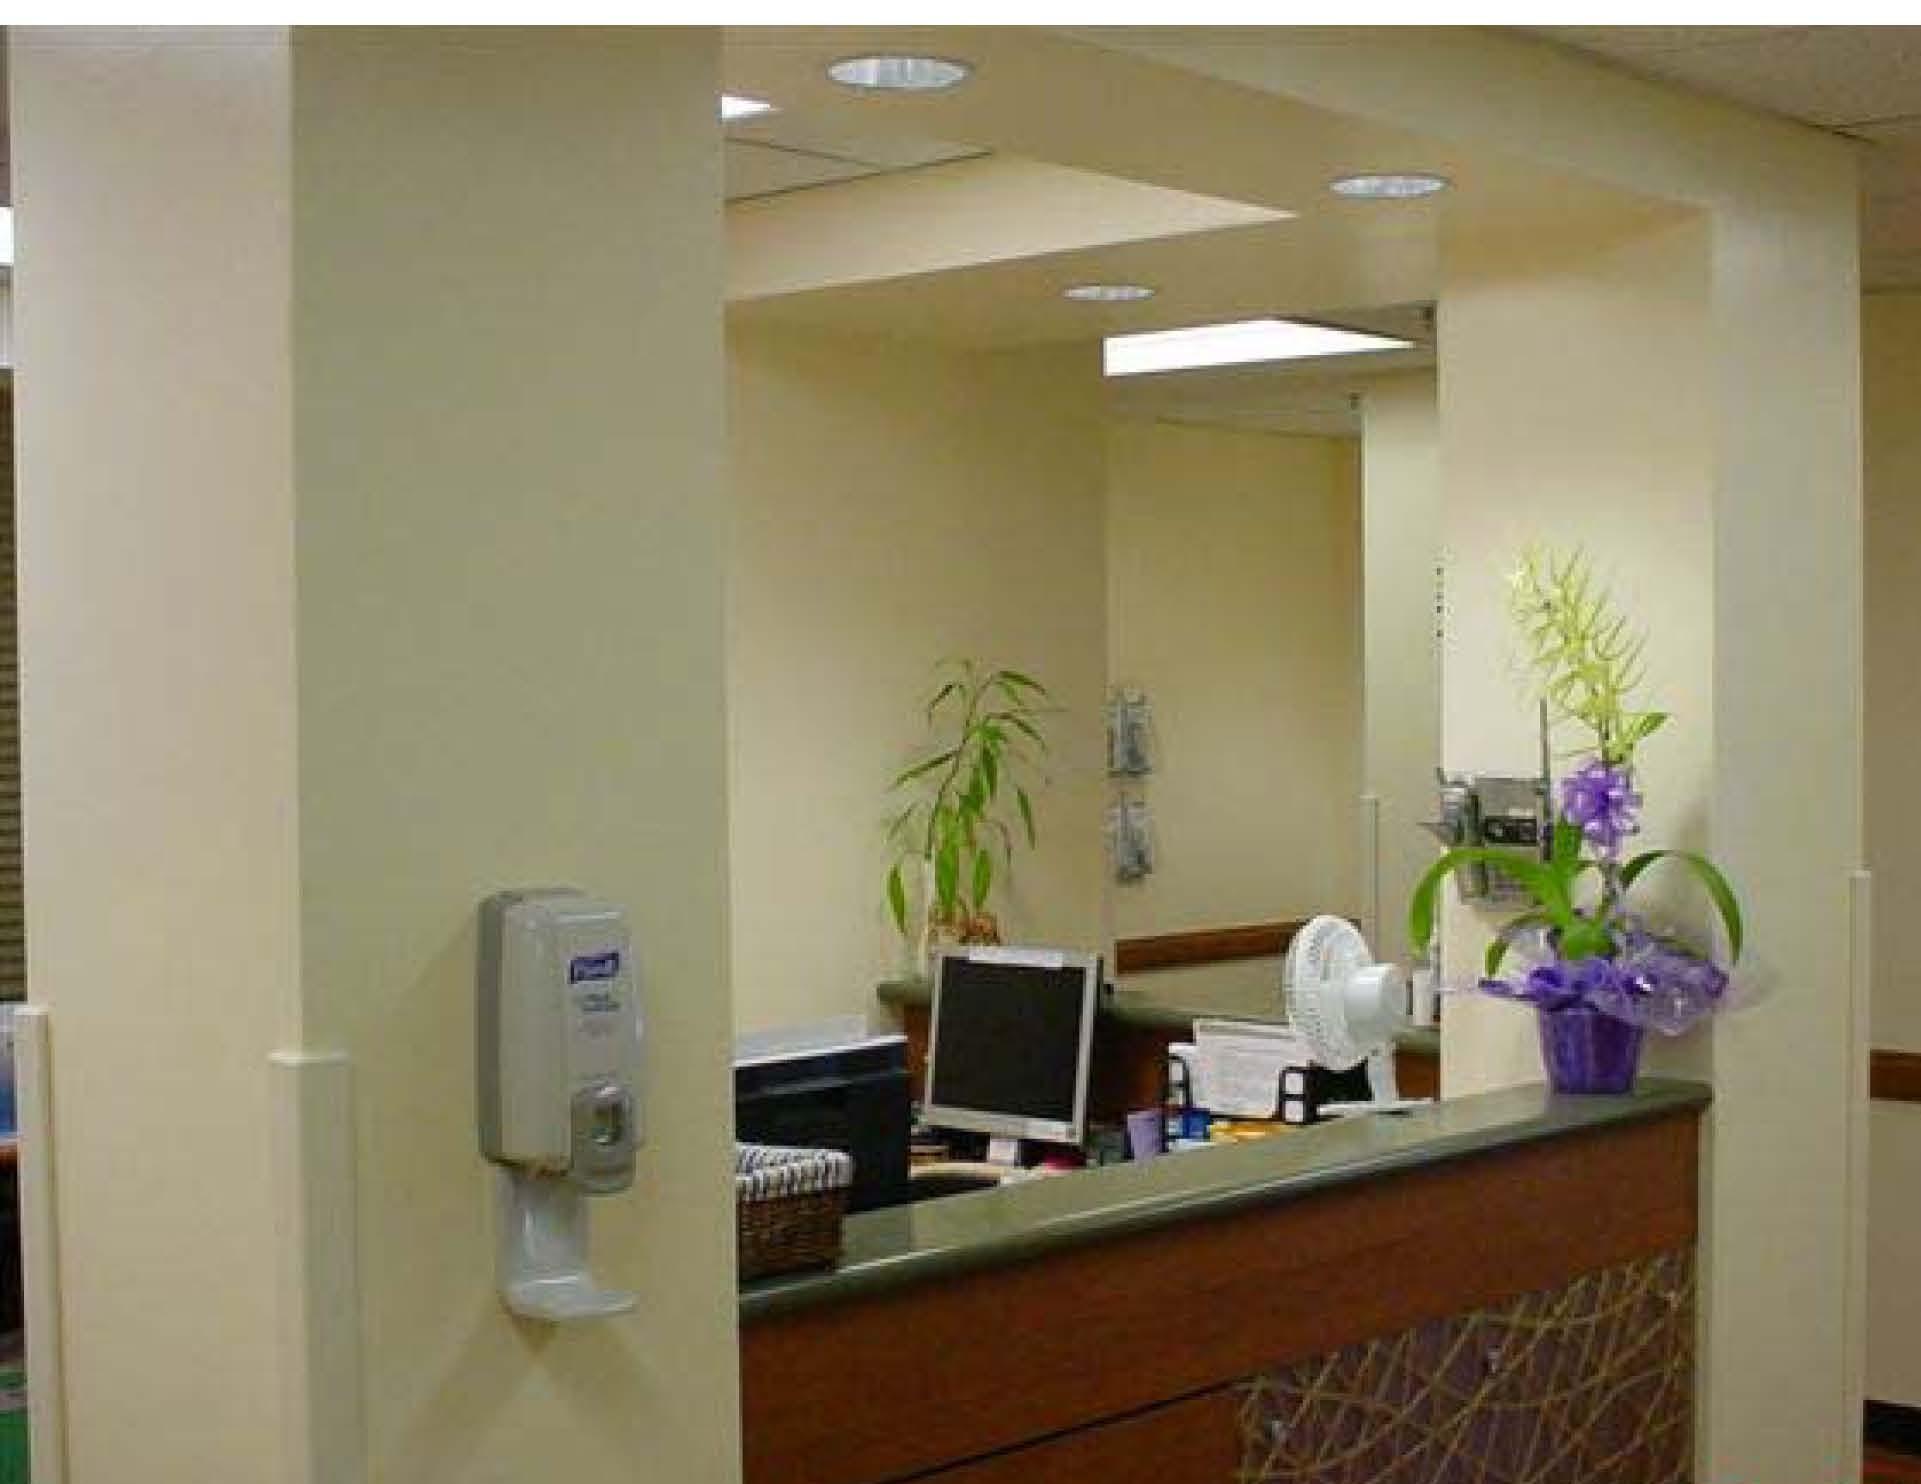 Straub Hospital Milnor Exam Room